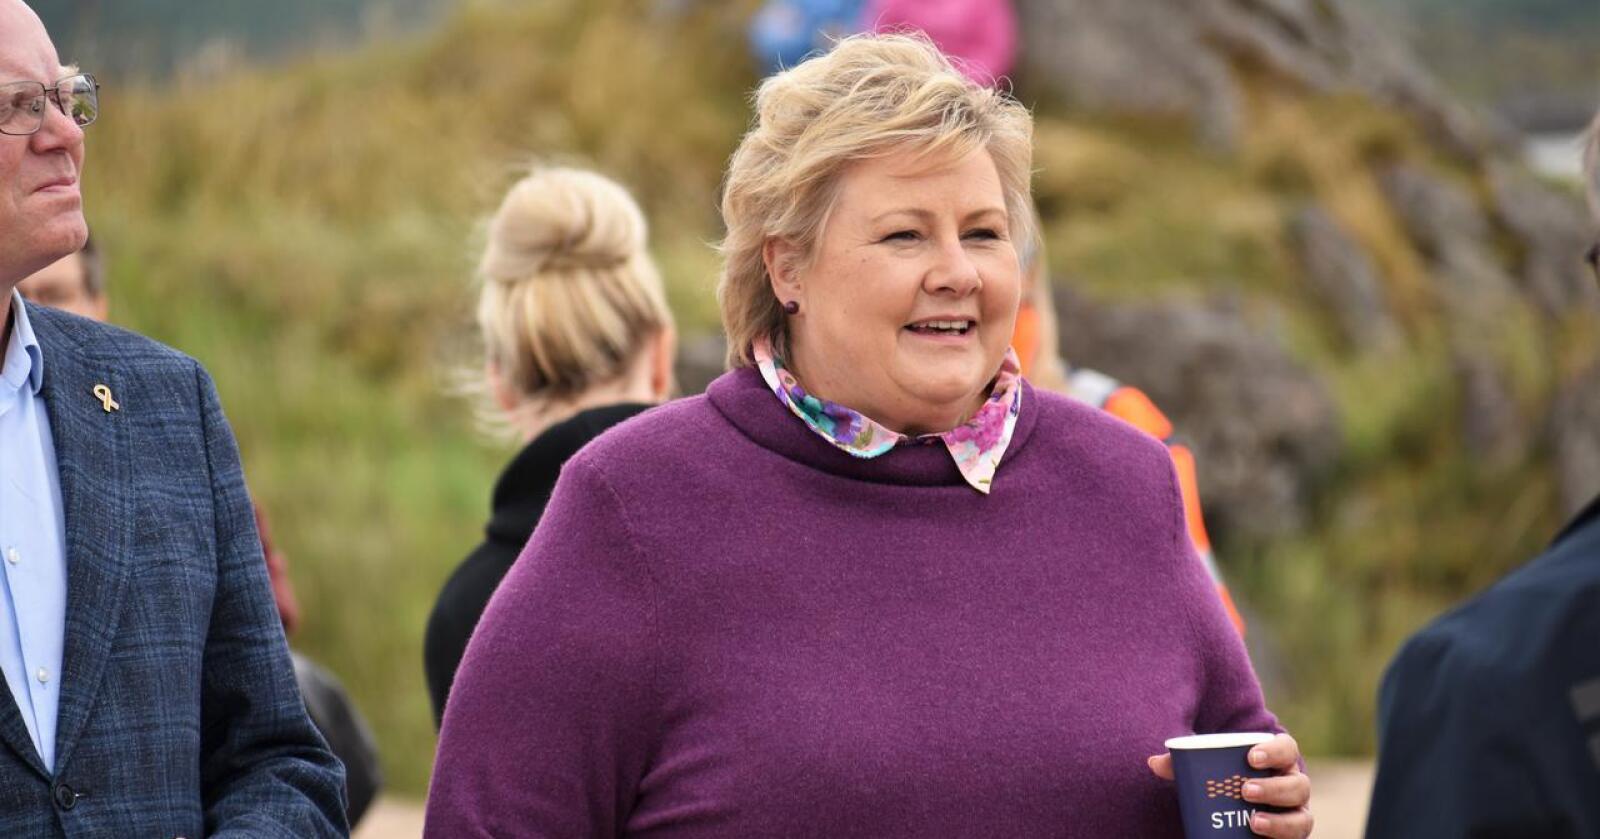 Stort land: Statsminister Erna Solberg, her på Leknes i Lofoten, har tapt i distriktene. I opposisjon blir det tid til å gjøre noe med det. Foto: Henrik Heldahl